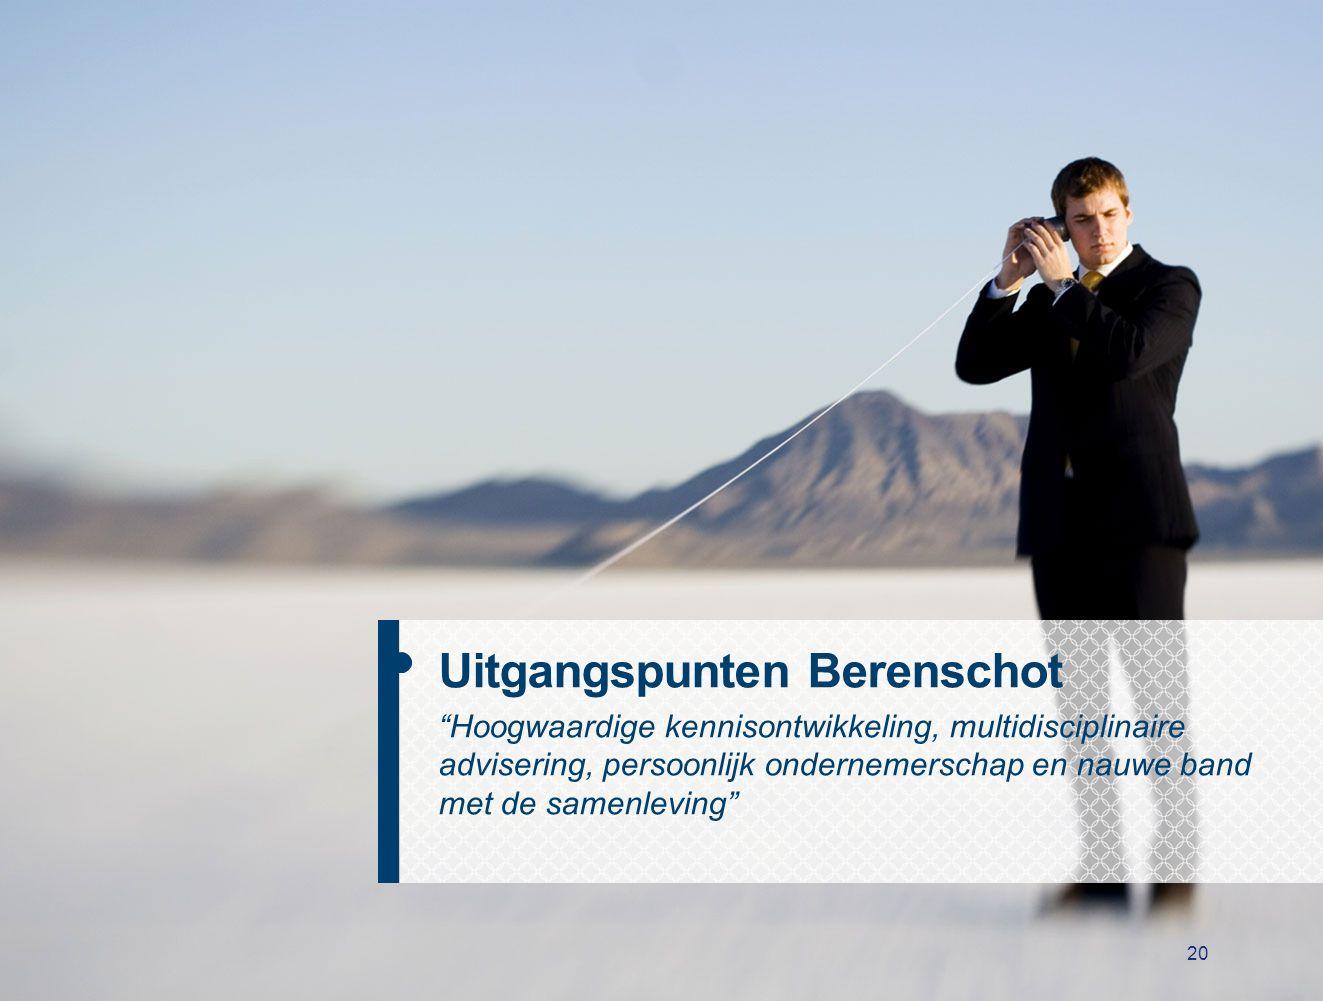 20 Uitgangspunten Berenschot Hoogwaardige kennisontwikkeling, multidisciplinaire advisering, persoonlijk ondernemerschap en nauwe band met de samenleving